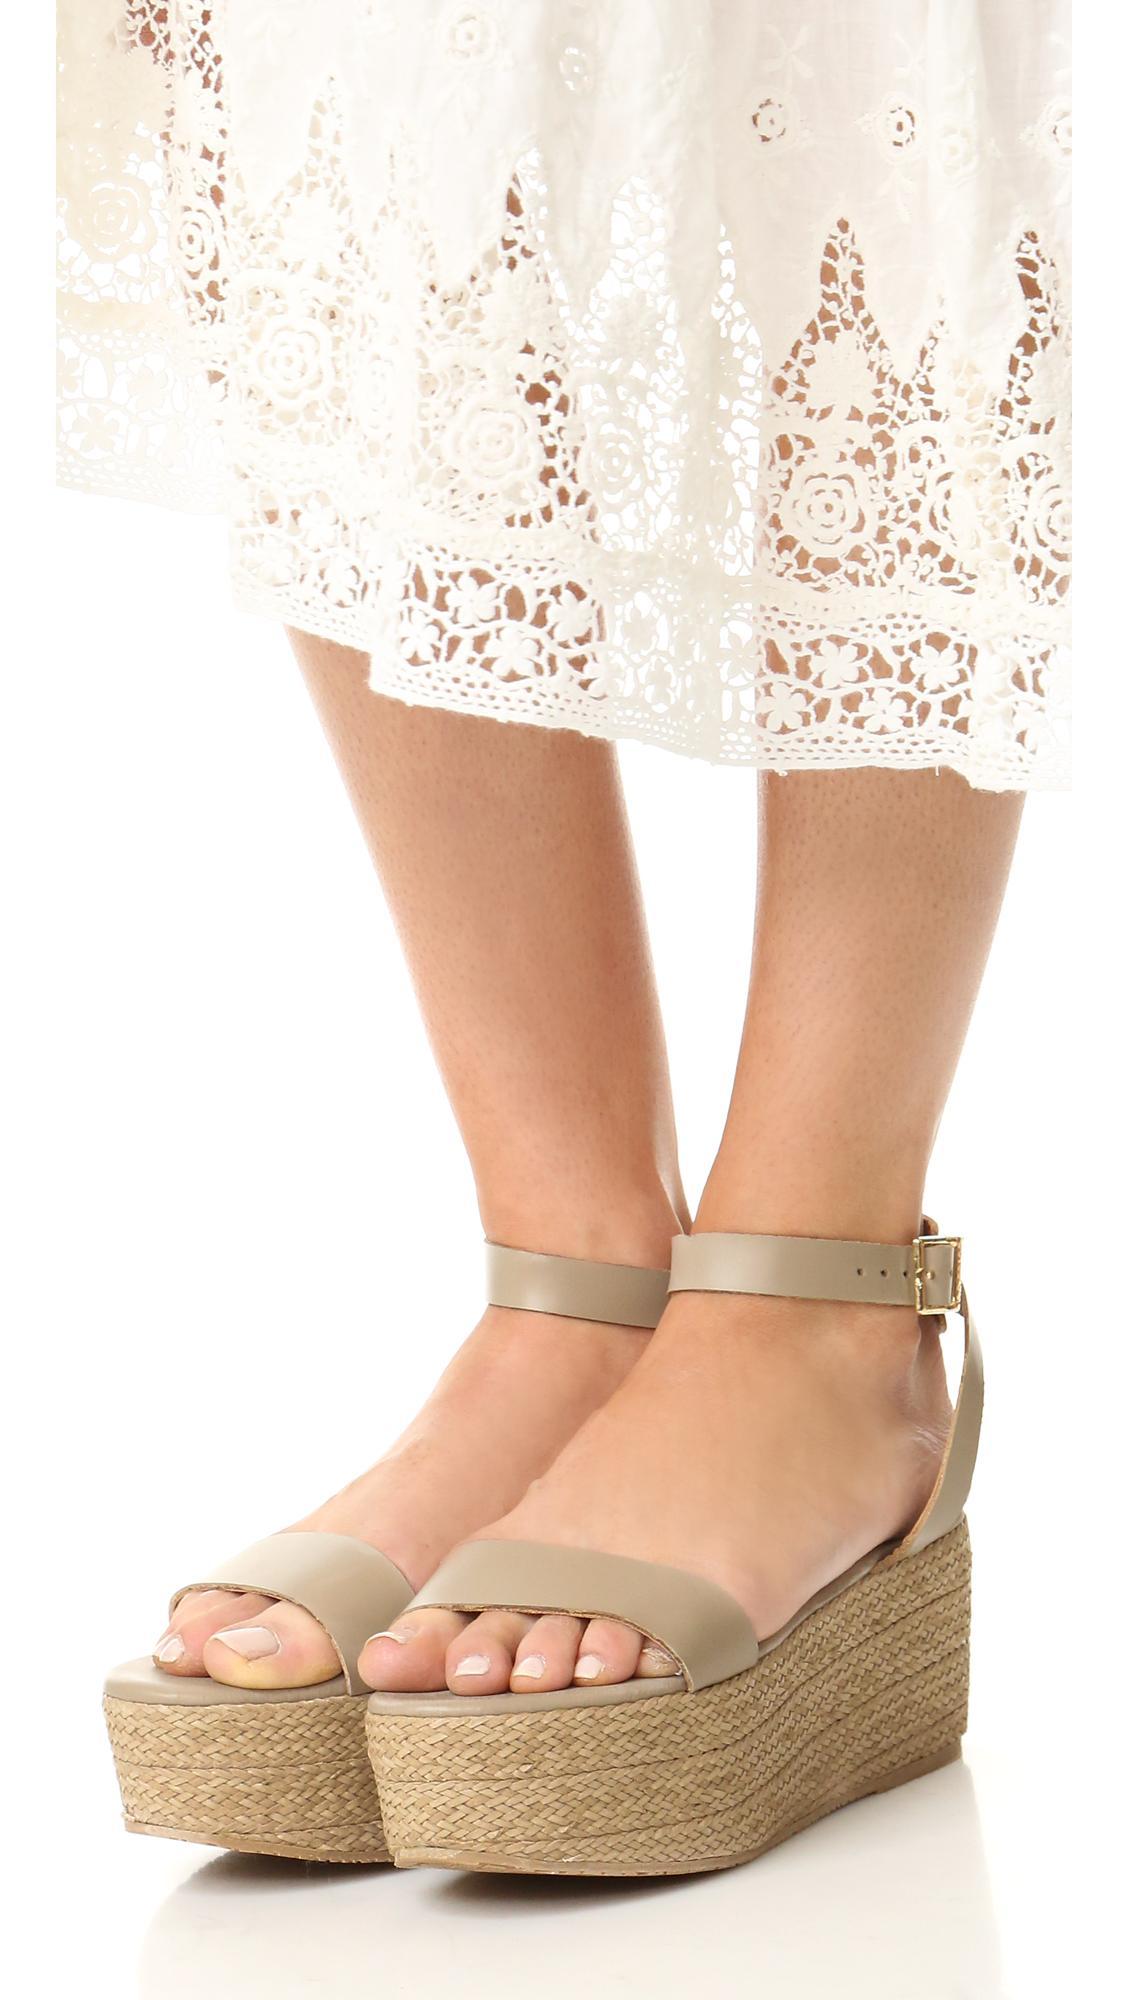 6716ec3177b Lyst - Kaanas Seshat Platform Espadrille Sandals in White